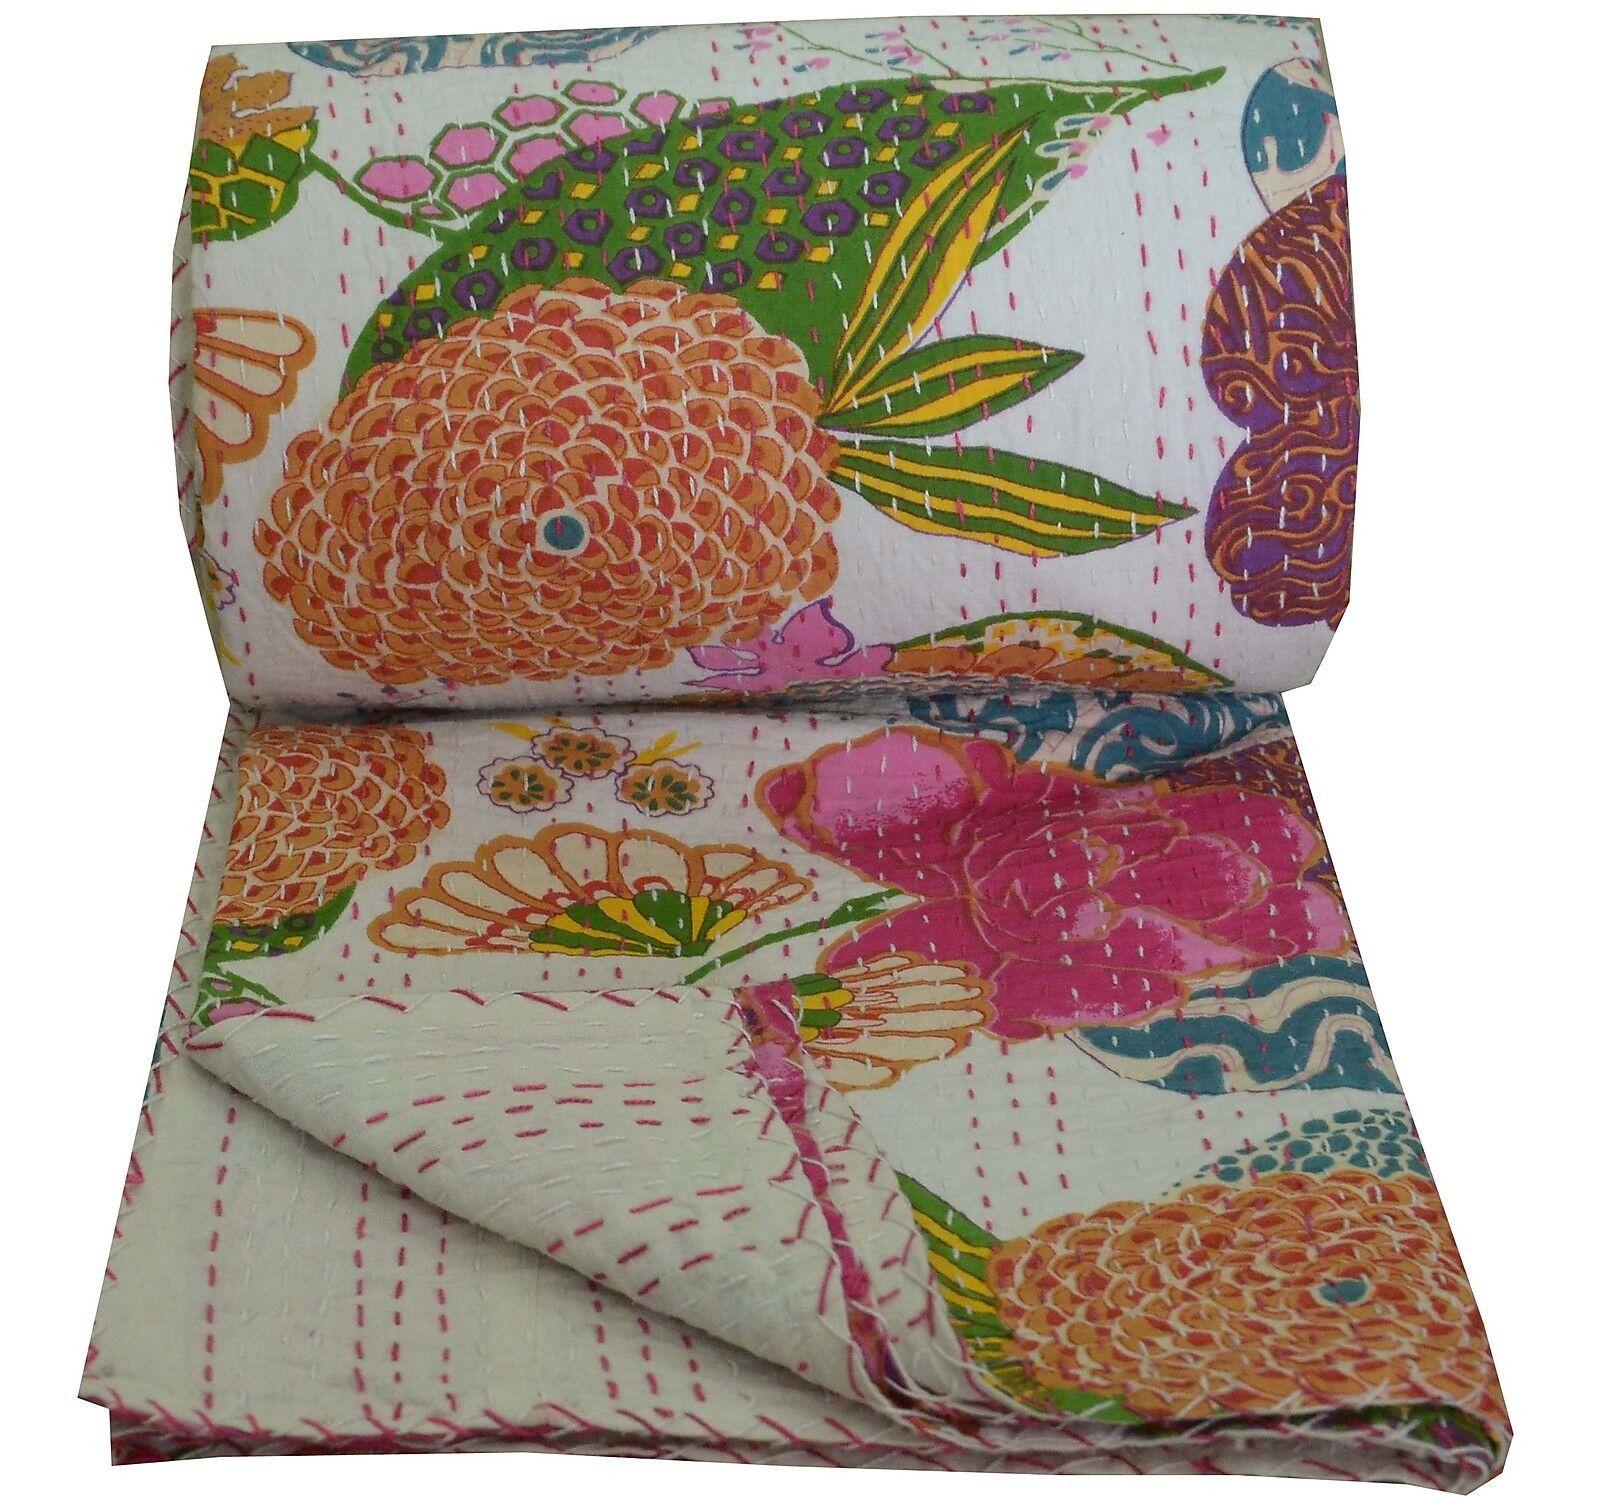 Floral King Größe Kantha Quilt Indian Throw Reversible Bedspread Blanket Ralli